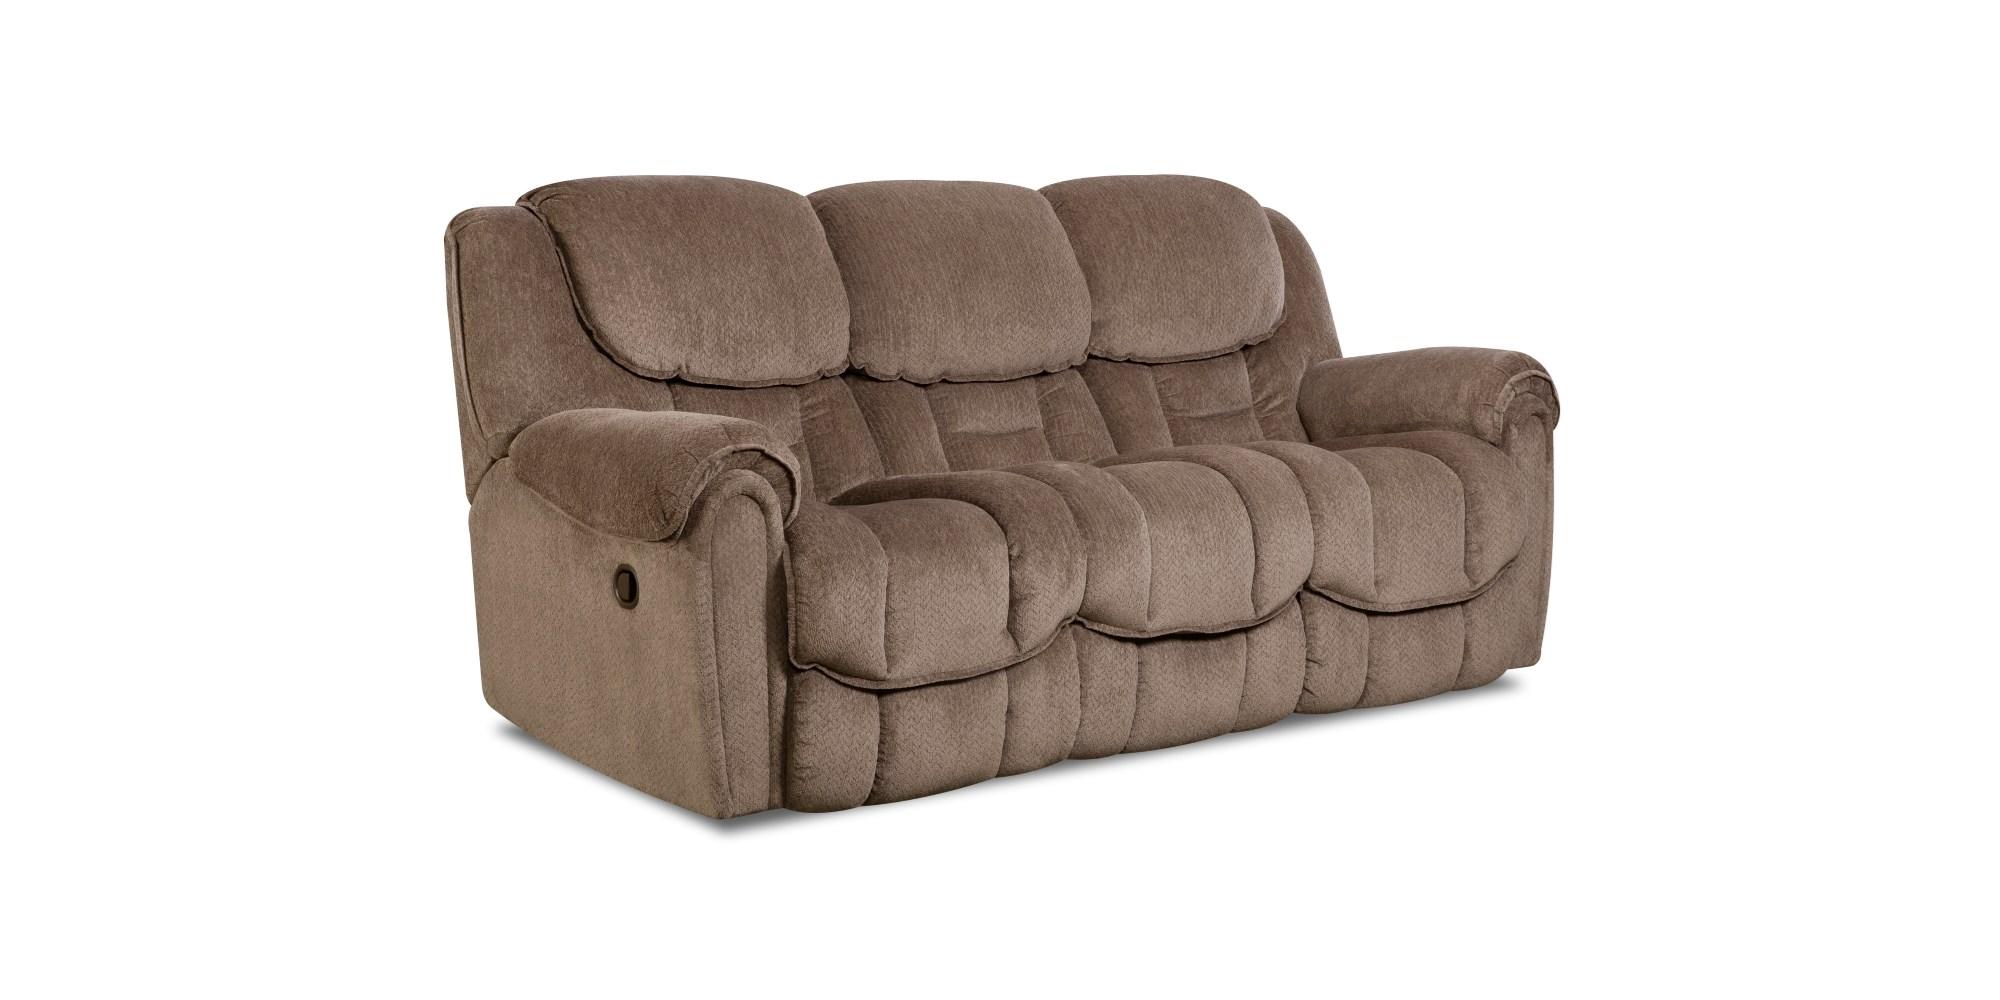 Del Mar Double Reclining Sofa